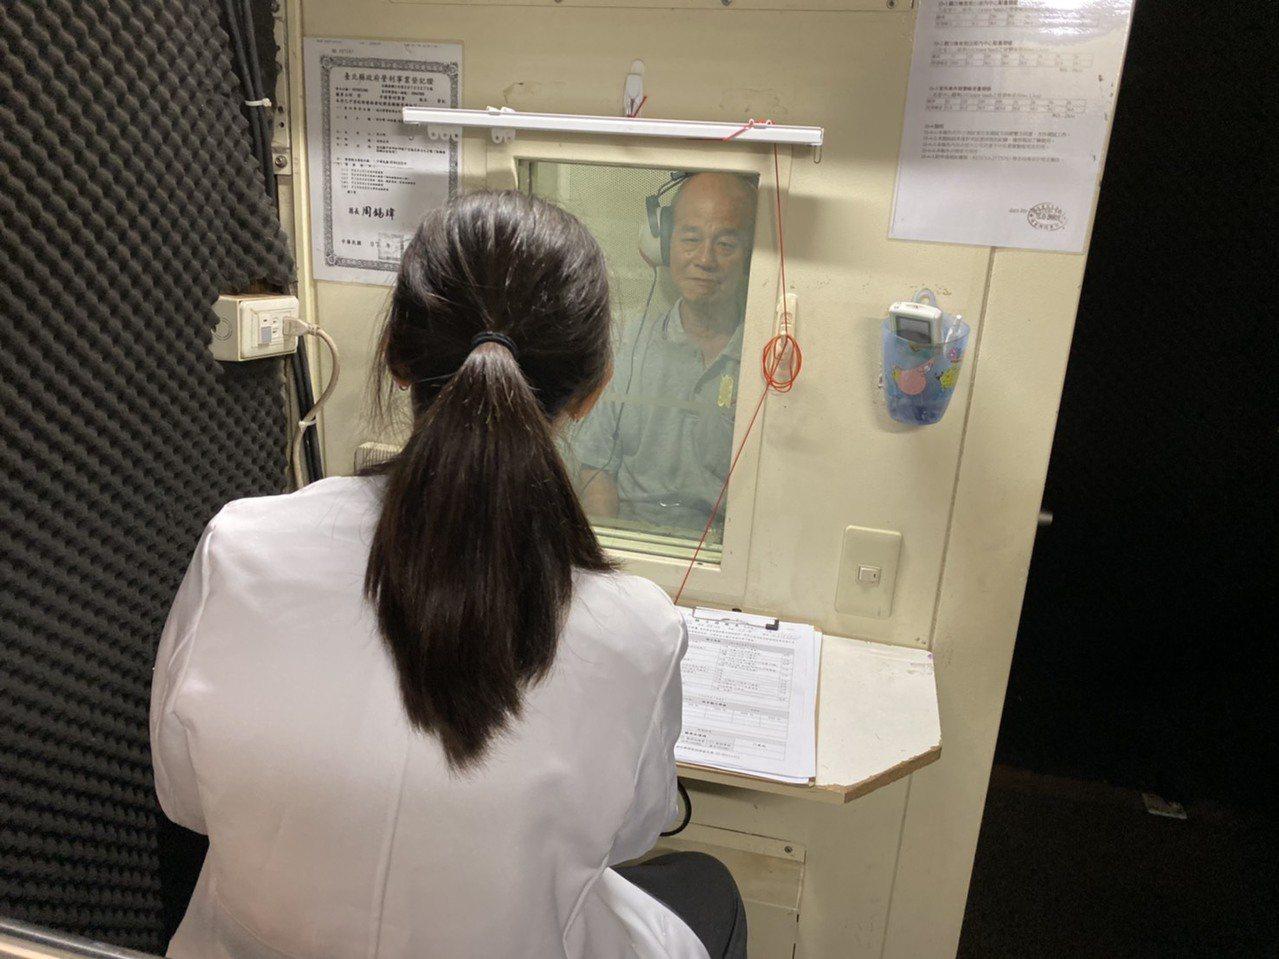 聽損問題容易被輕忽,專家建議,應將聽力篩檢納入免費健檢項目,讓超過50歲的中高齡...